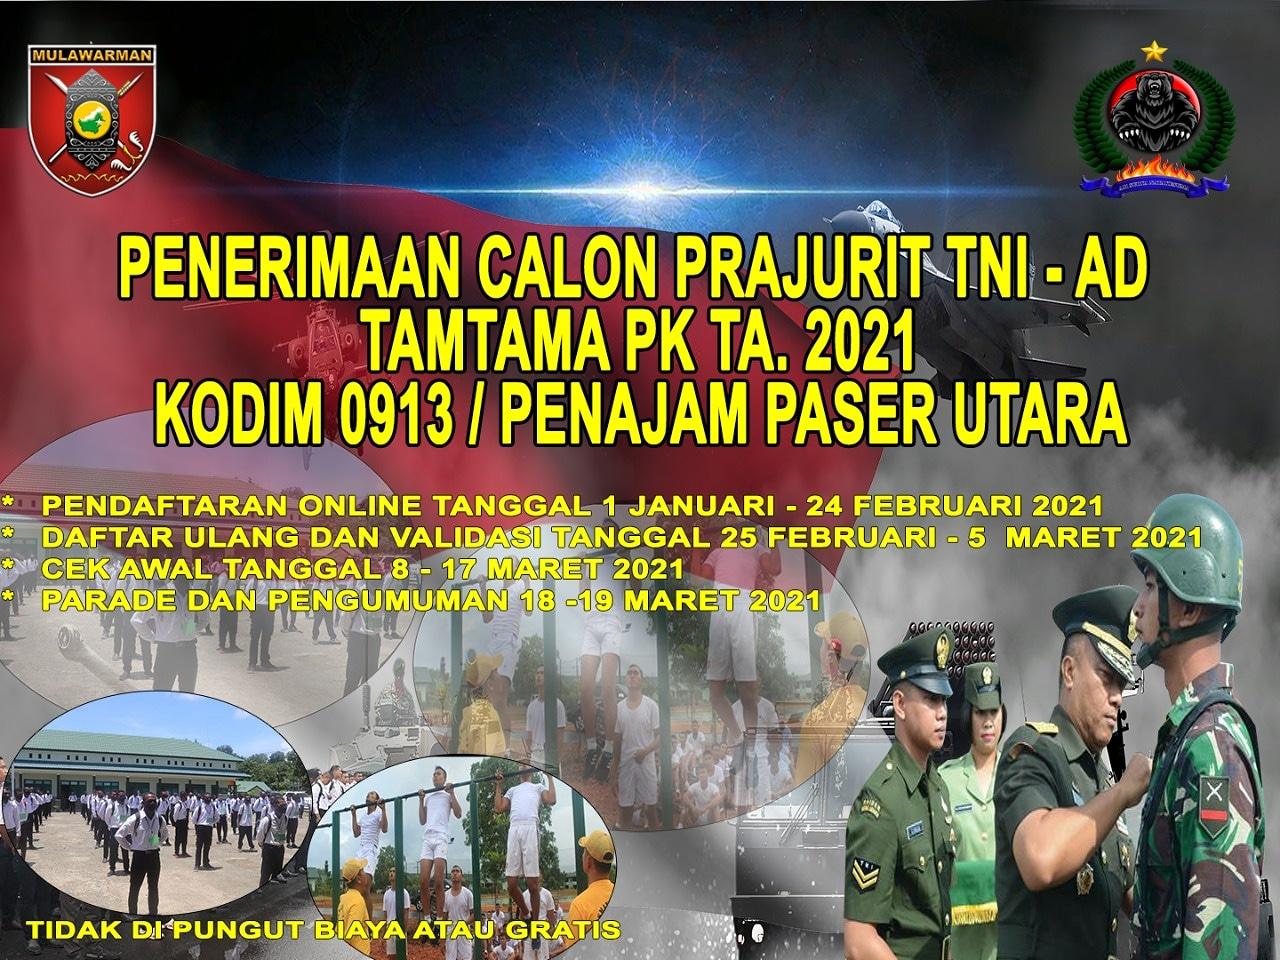 Kodim 0913/PPU Siap Terima Pendaftaran TNI-AD Gratis